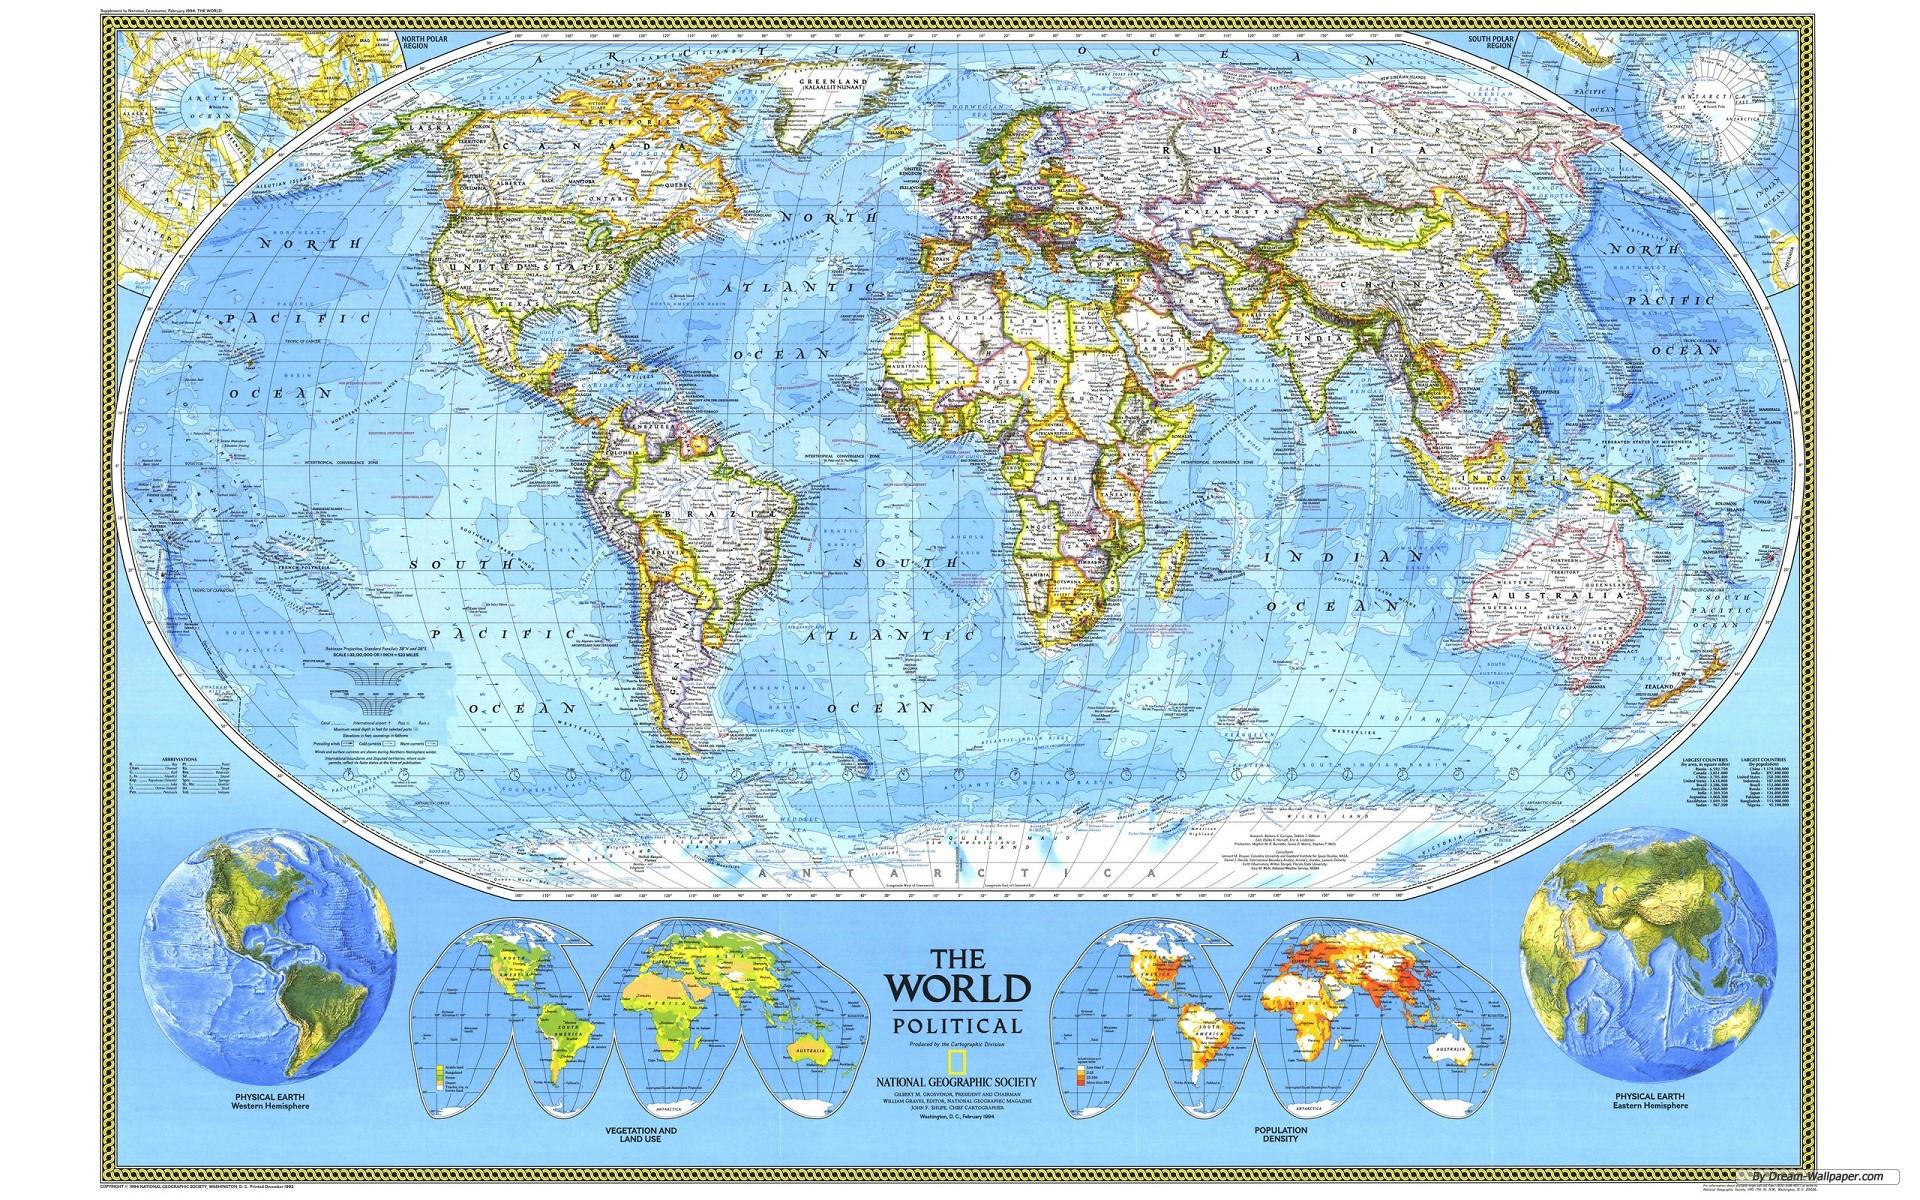 wallpaper desktop wallpapers world travel 1920x1200 1920x1200